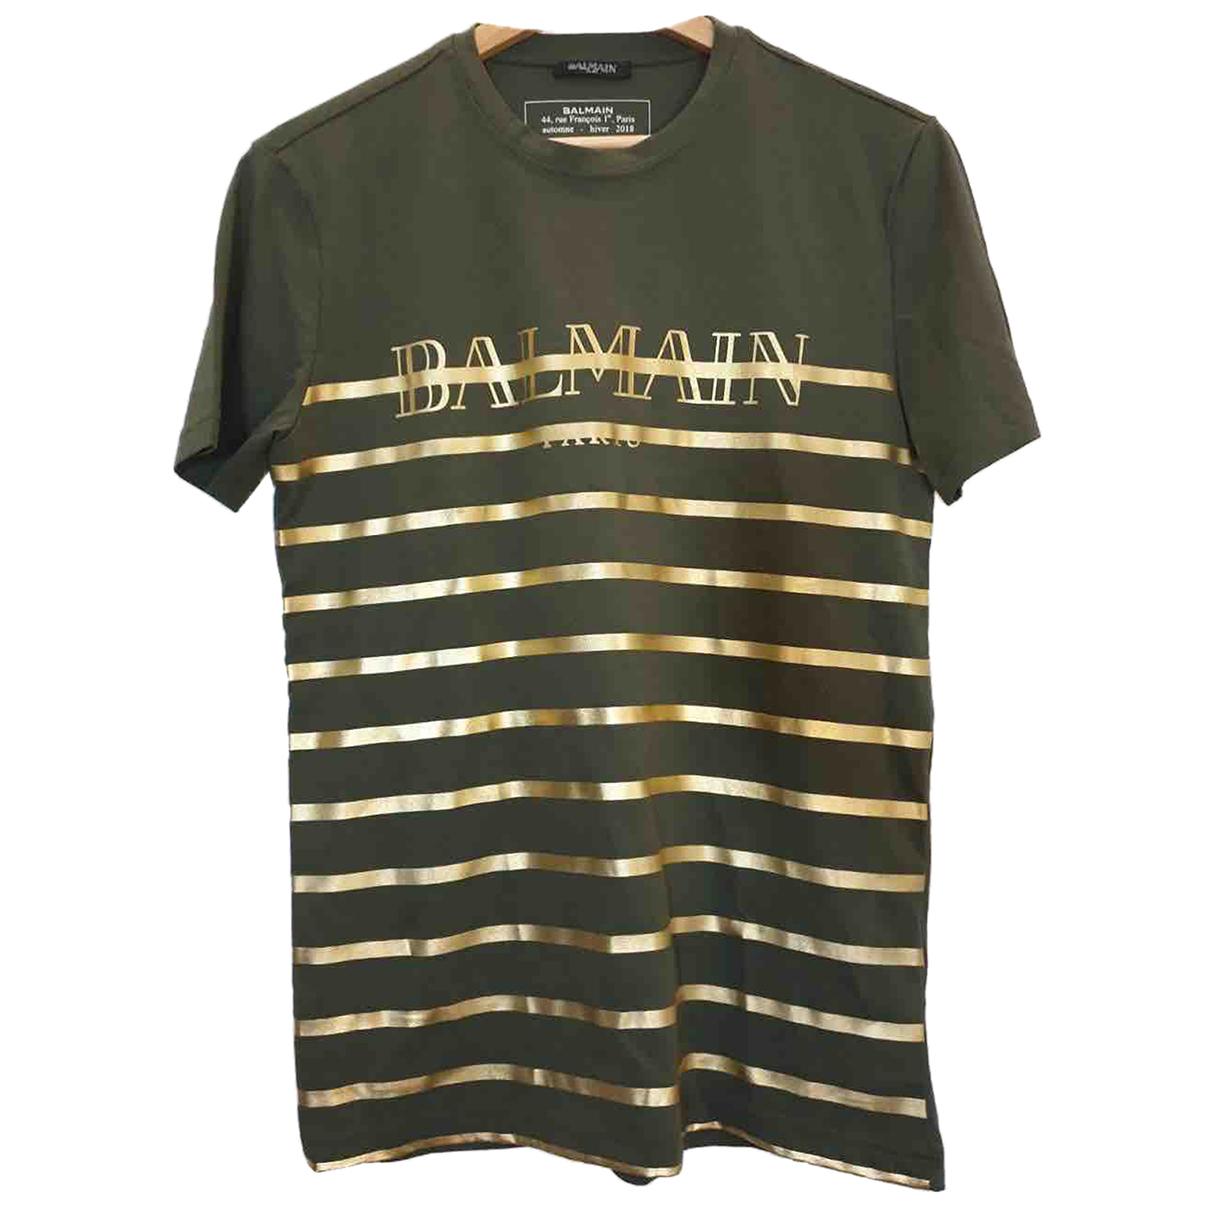 Balmain - Tee shirts   pour homme en coton - vert